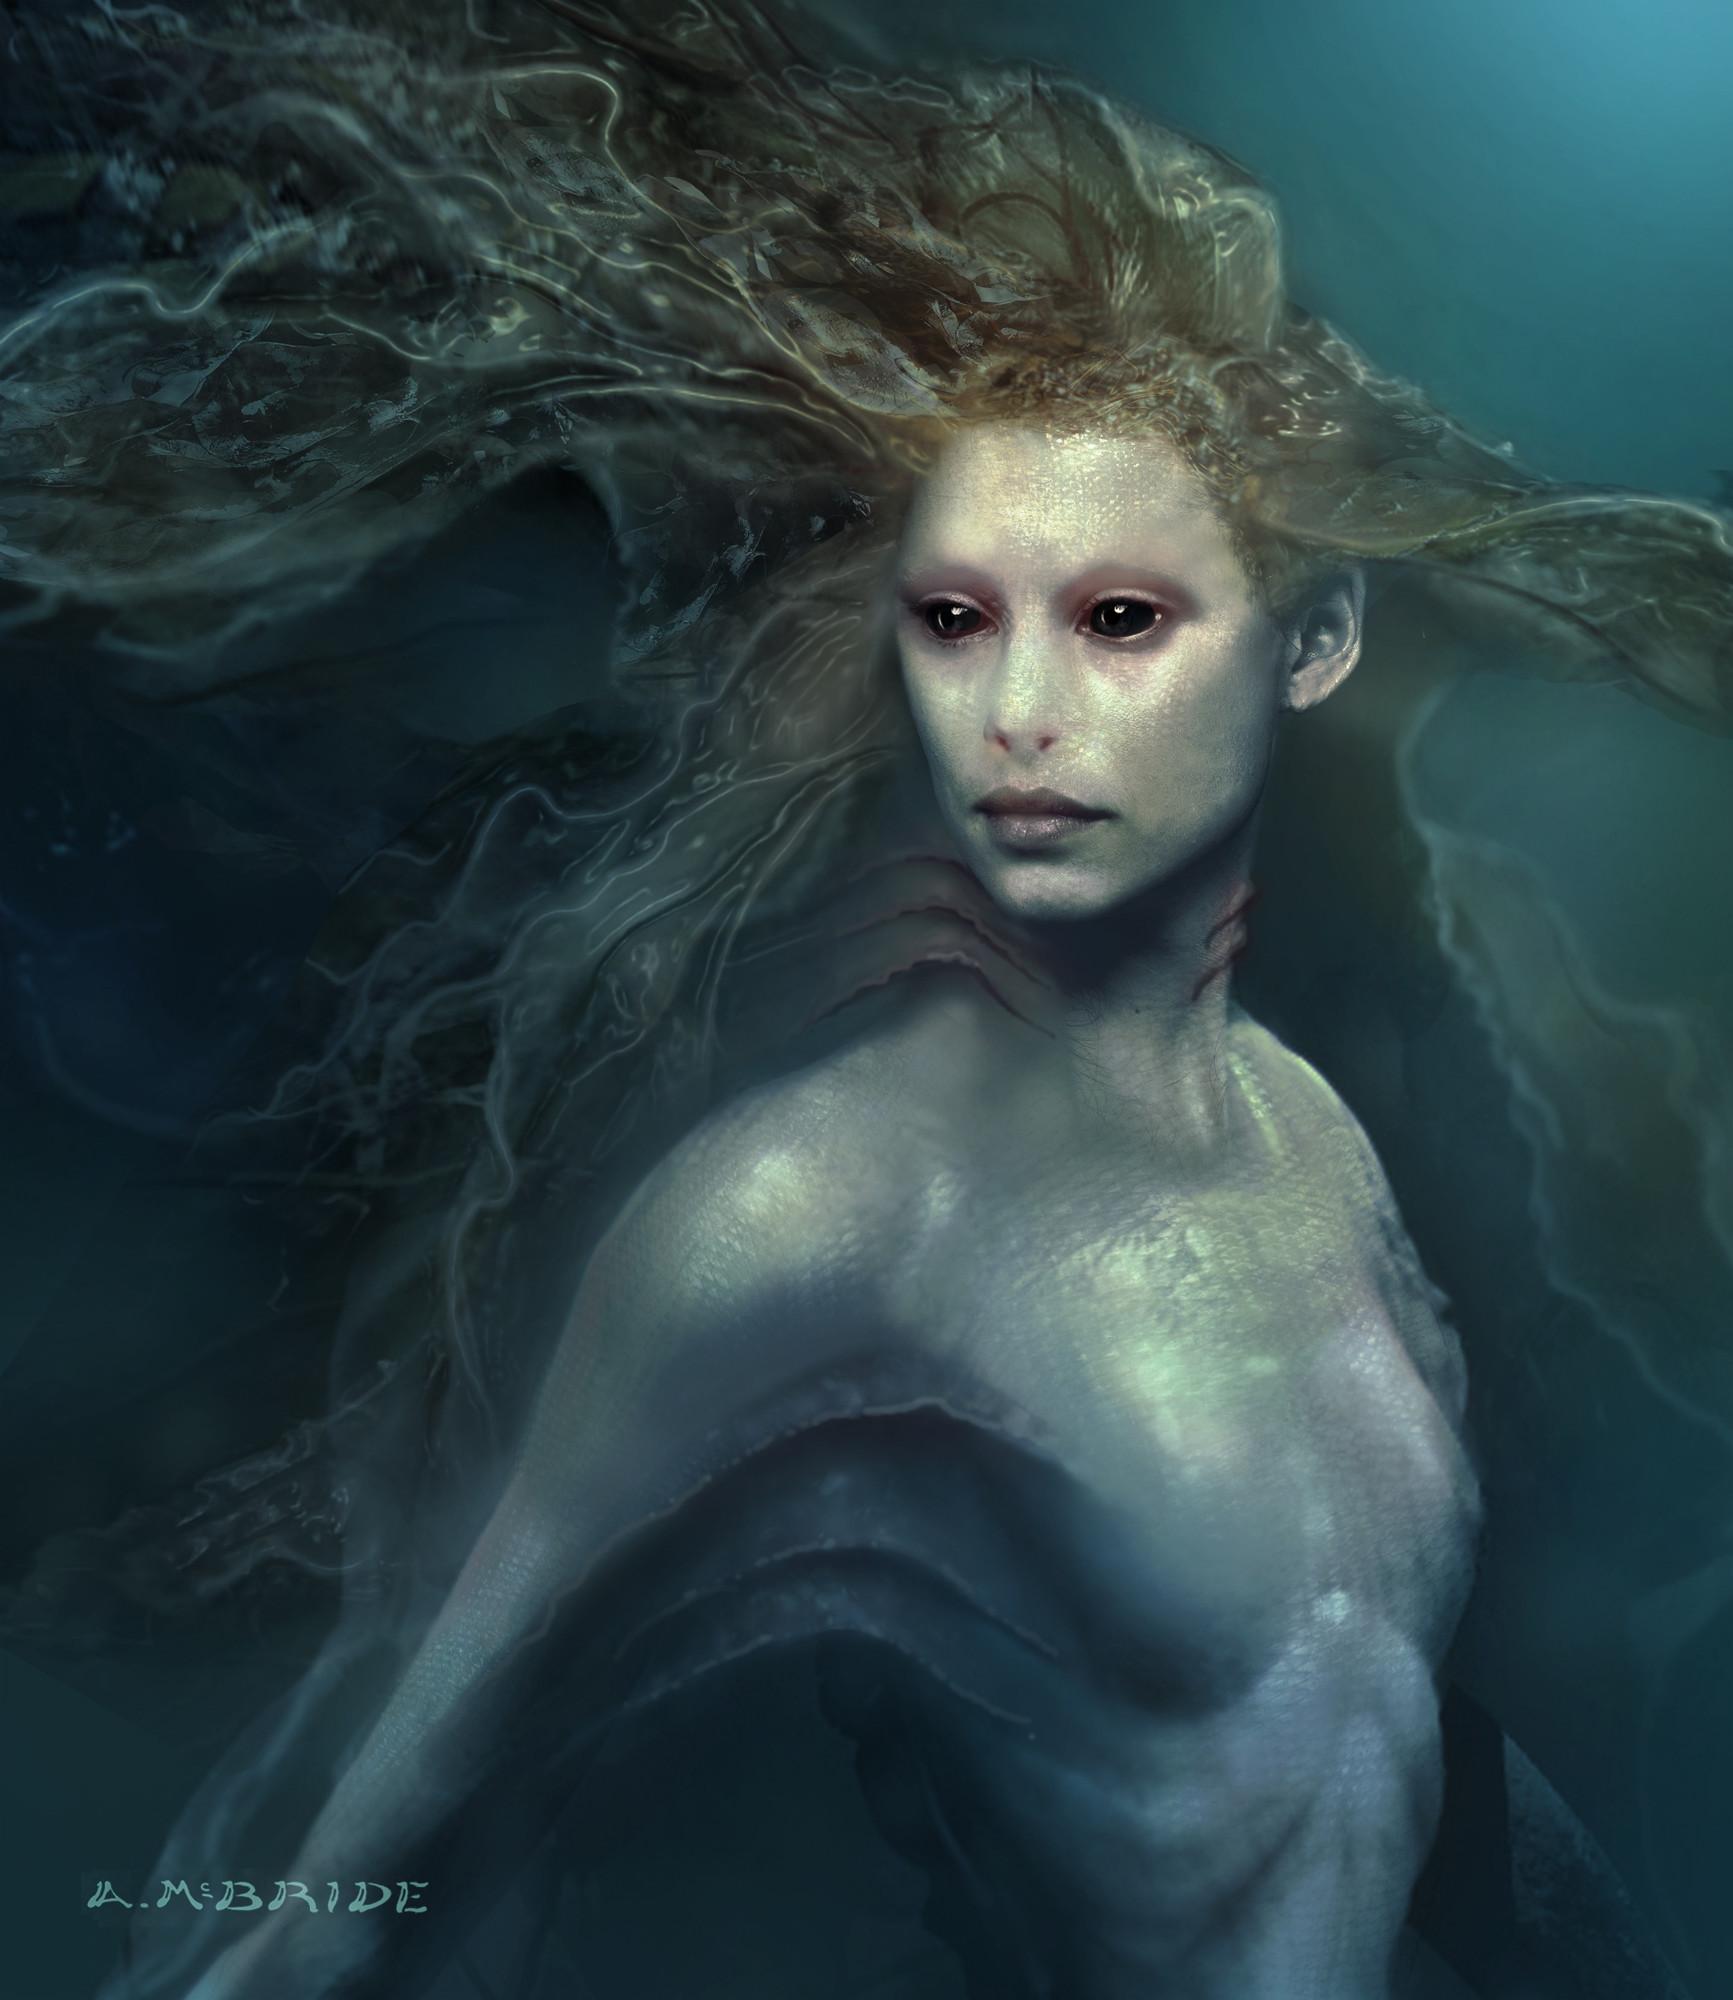 Pirates des Caraïbes : La Fontaine de Jouvence [Disney - 2011] - Page 15 Aaron-mcbride-mermaid-portrait-03